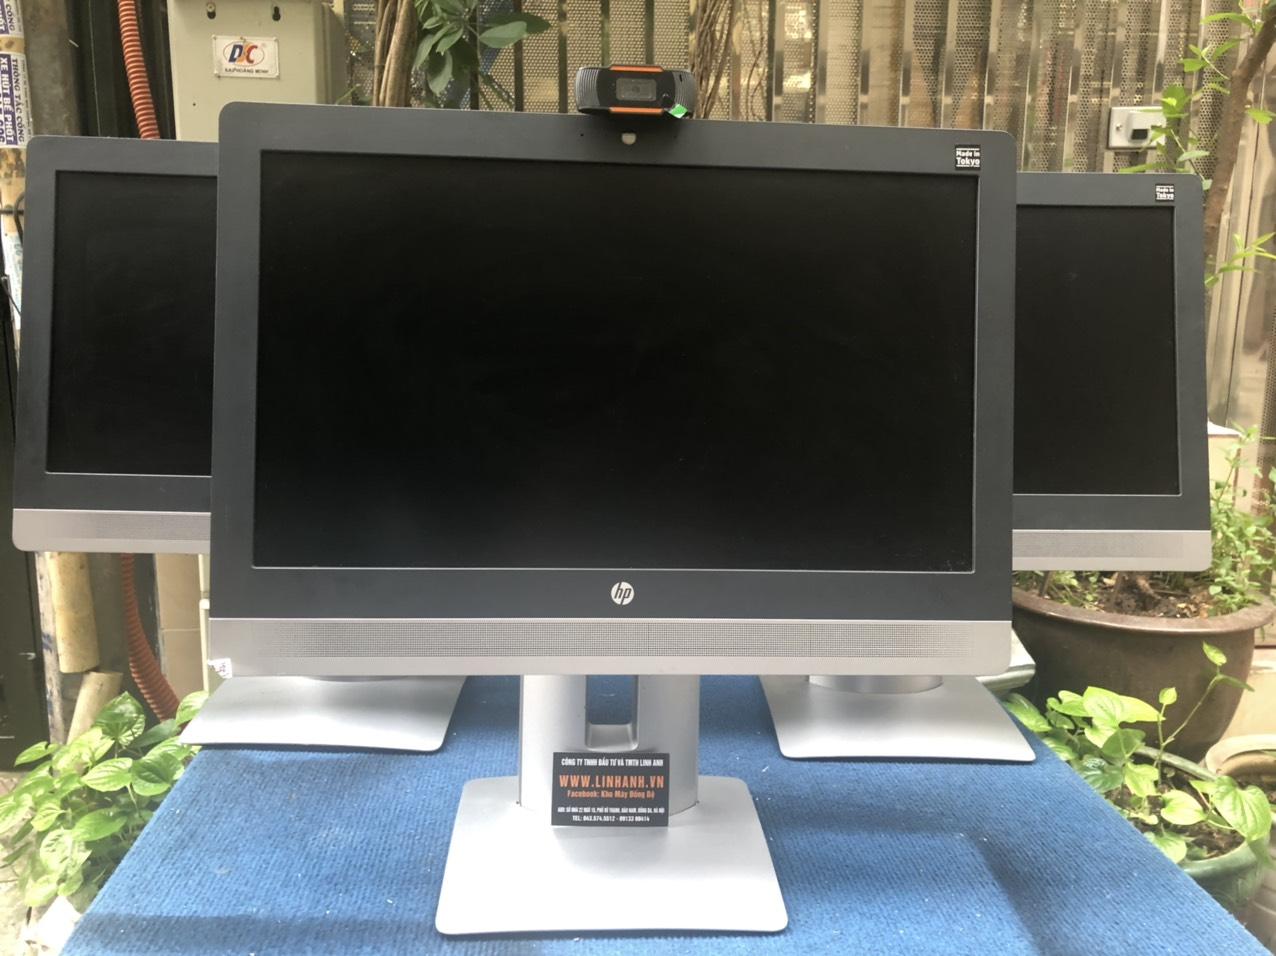 Case liền màn HP 600G2 (01)